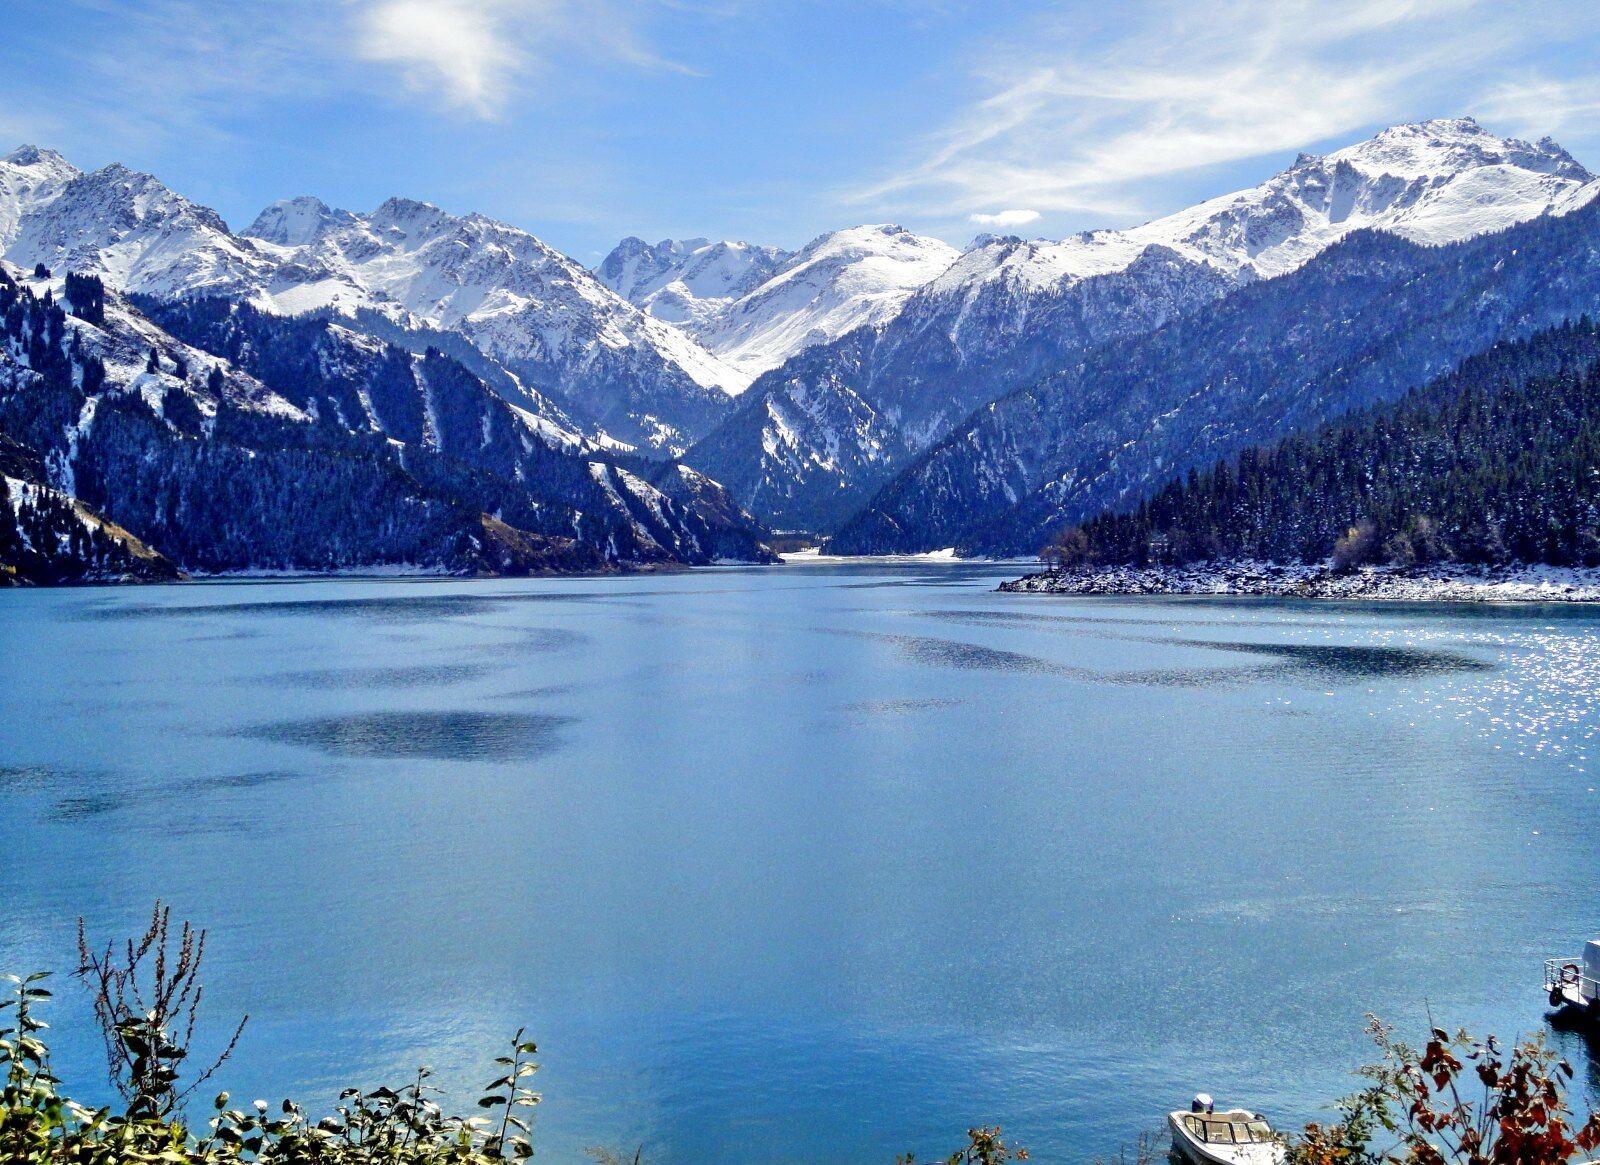 后前往【天山天池风景区】(含区间车)(4h)位于新疆维吾尔自治区阜康县